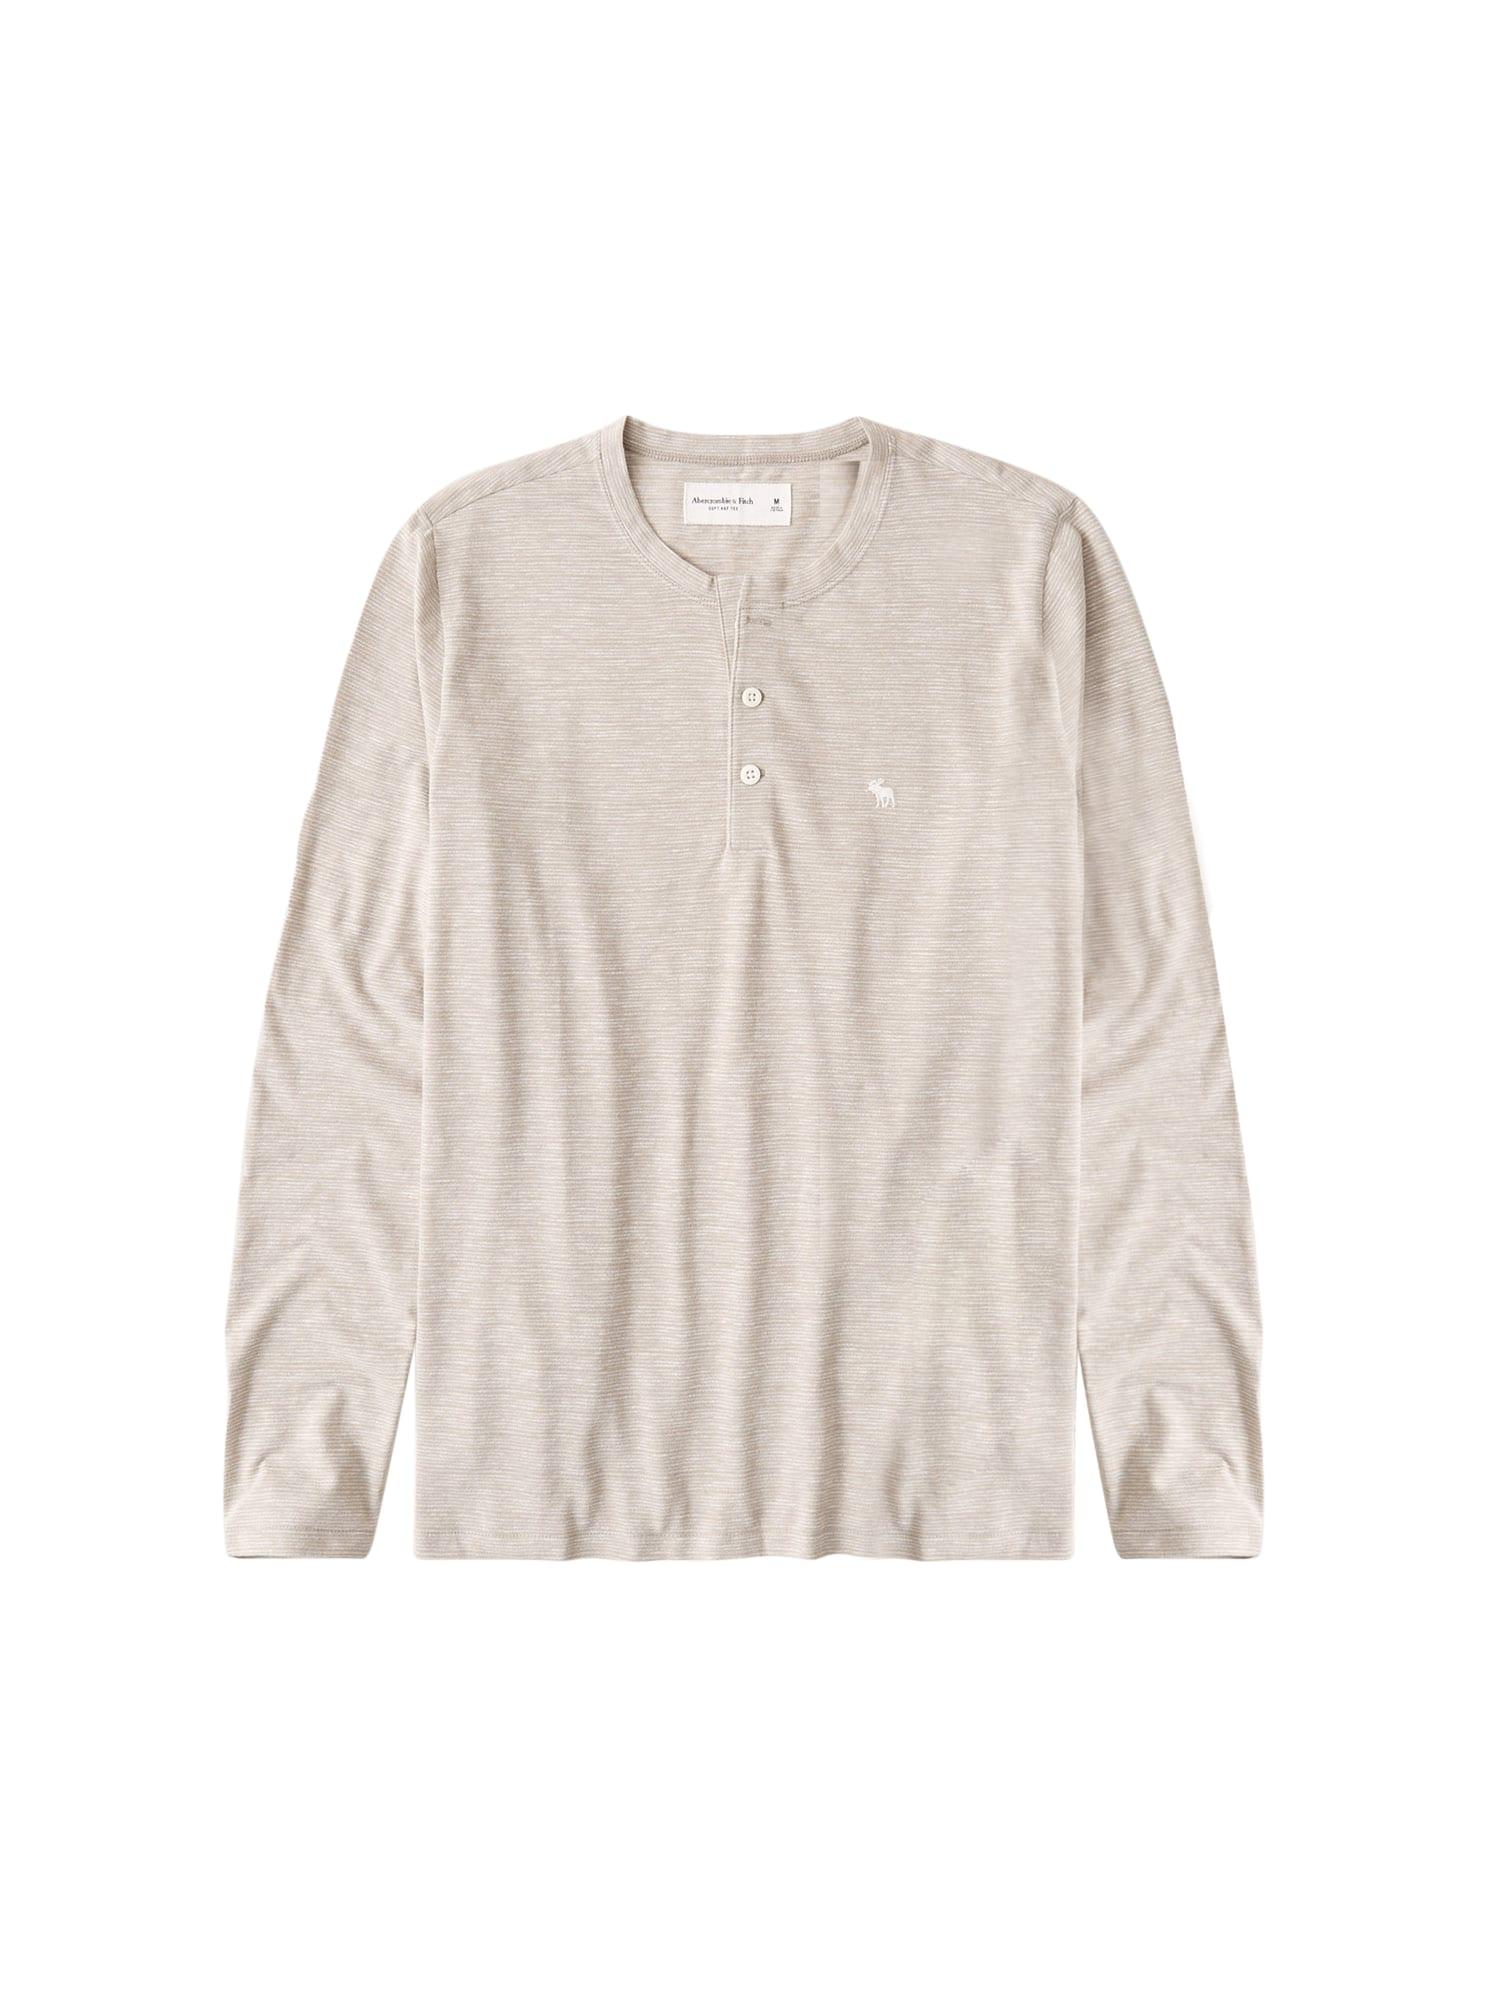 Abercrombie & Fitch Marškinėliai šviesiai ruda / balta